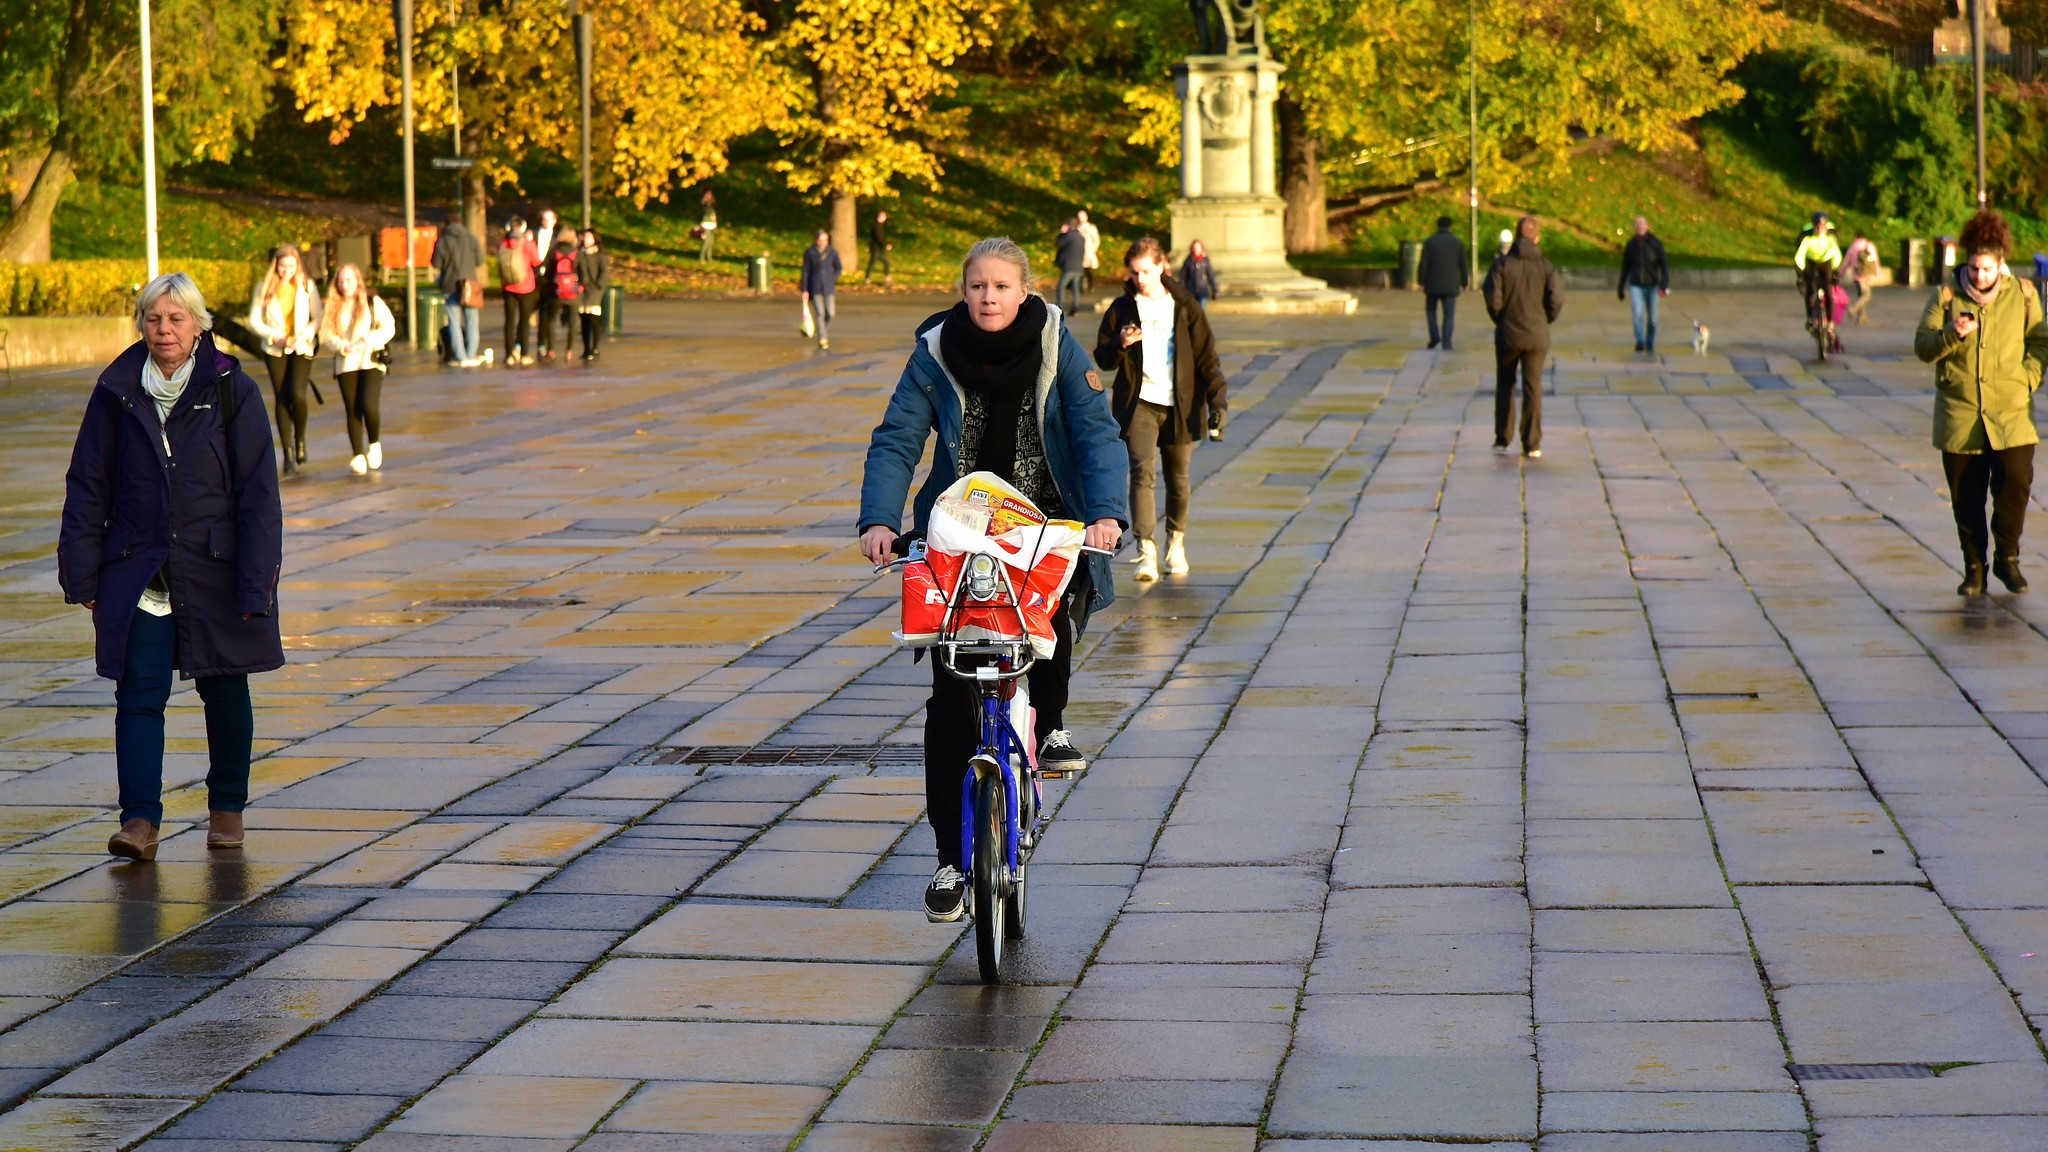 Egyetlen gyalogos vagy kerékpáros sem halt meg közlekedési balesetben Oslo városában 2019-ben